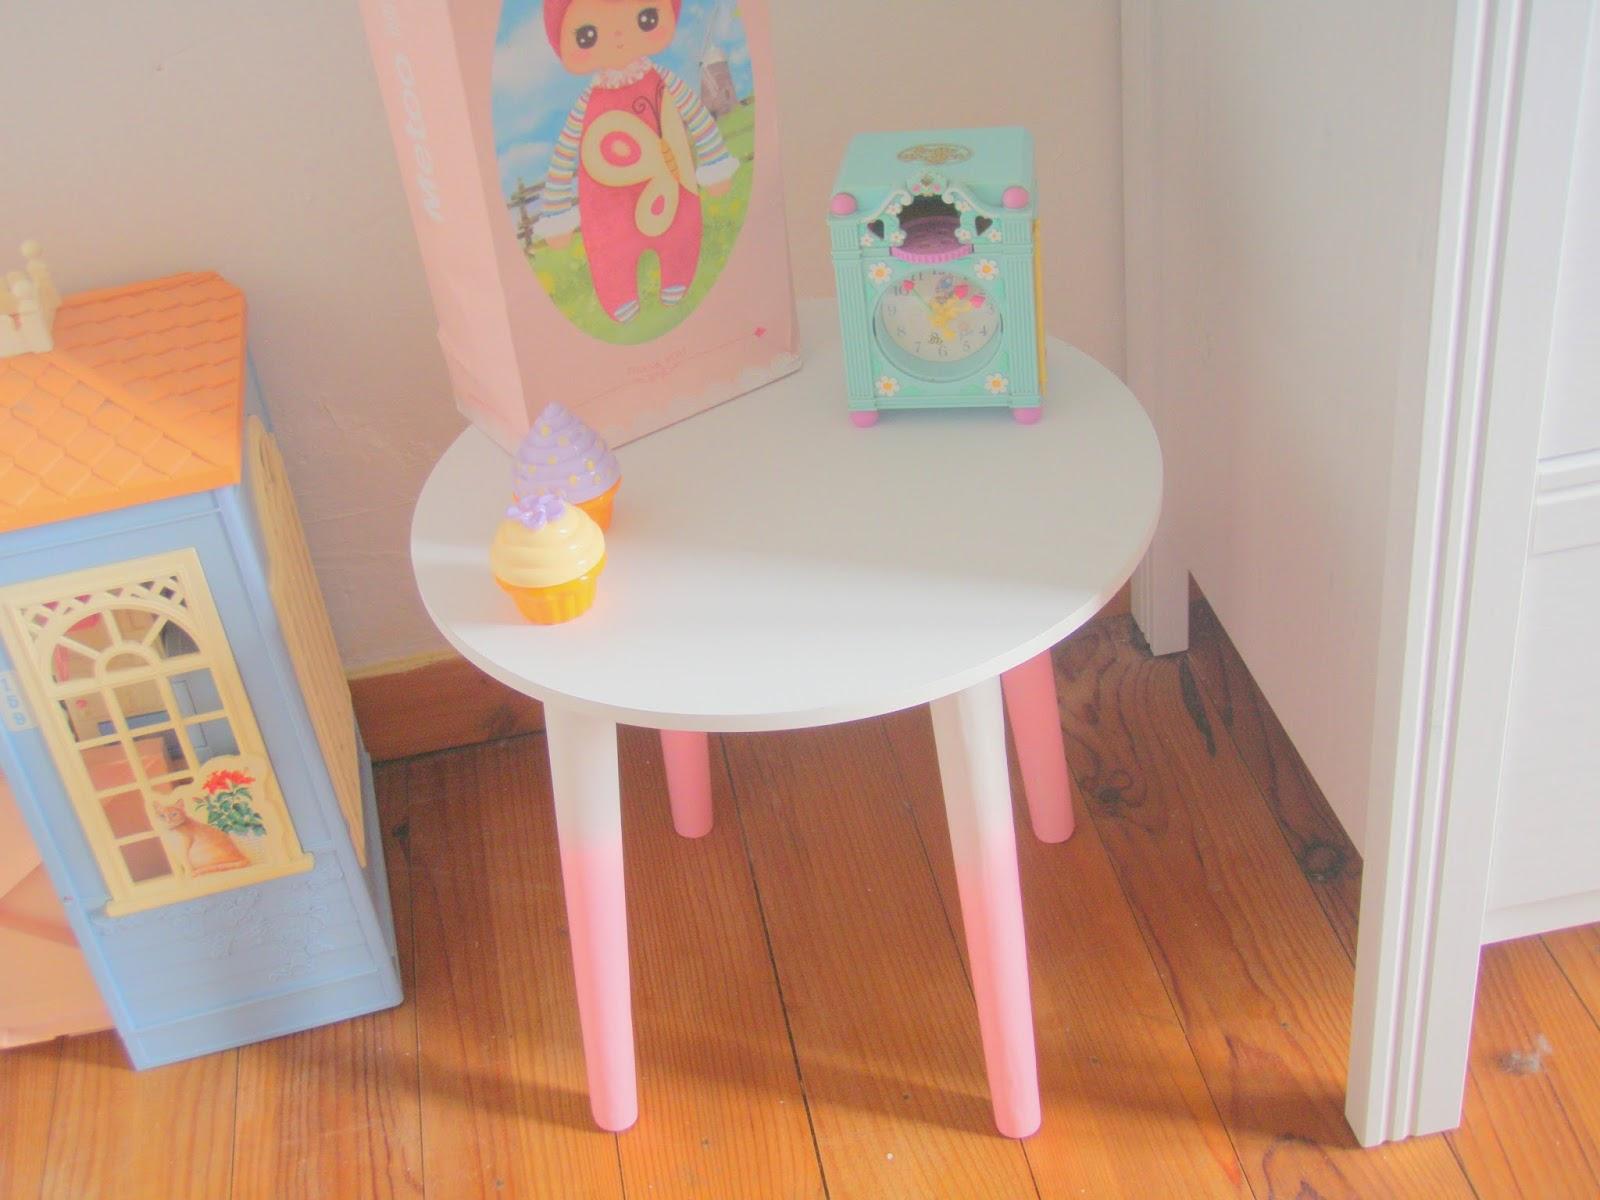 La petite table dip dye - La petite table eygalieres ...